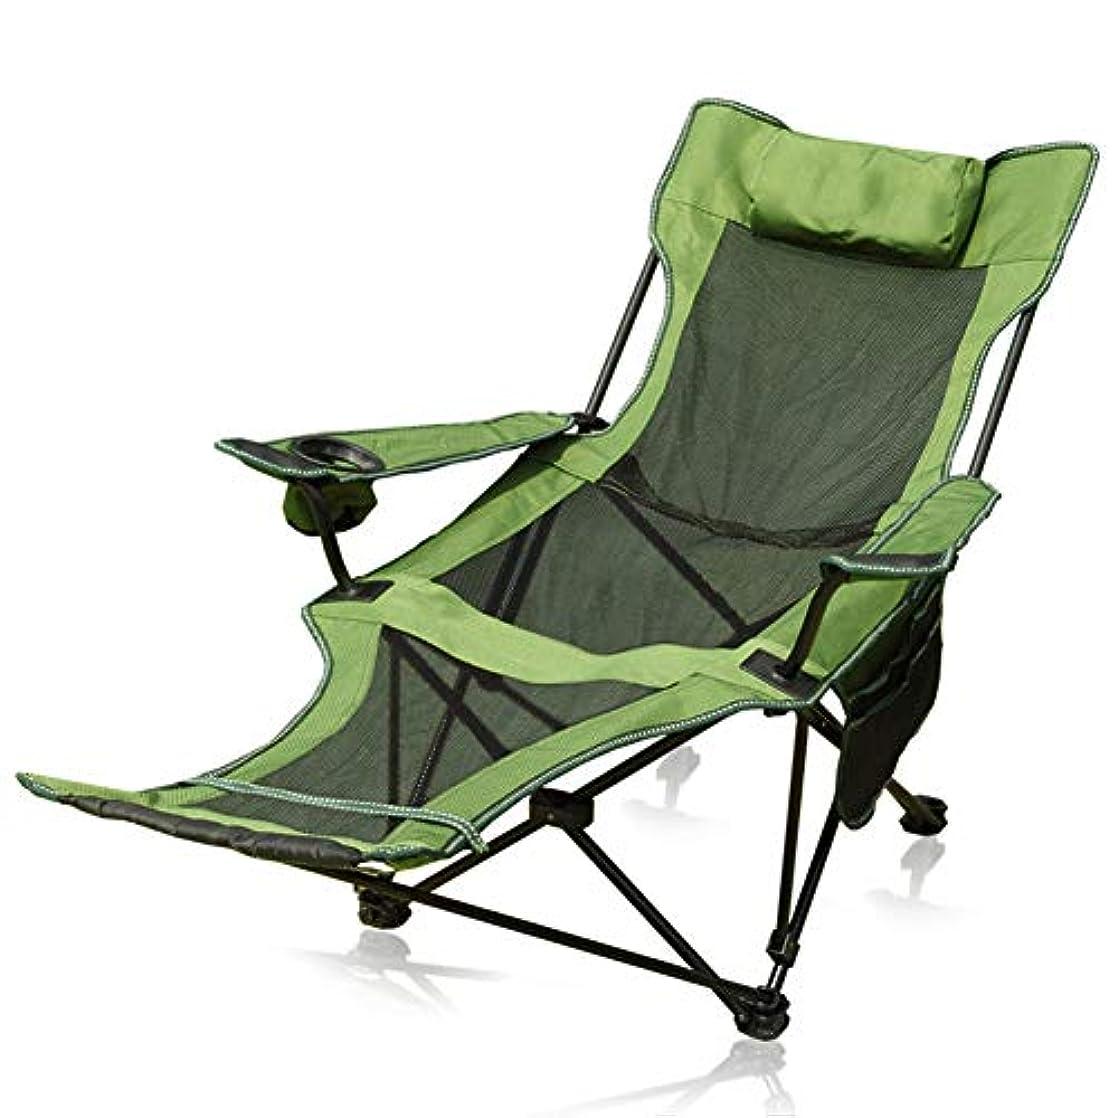 妖精内側家主キャンプ折りたたみ椅子ハイバックポータブルキャリーバッグ付き簡単セットアップ屋外用、芝生、ピクニック釣りフェスティバルガーデン、サポート200ポンド